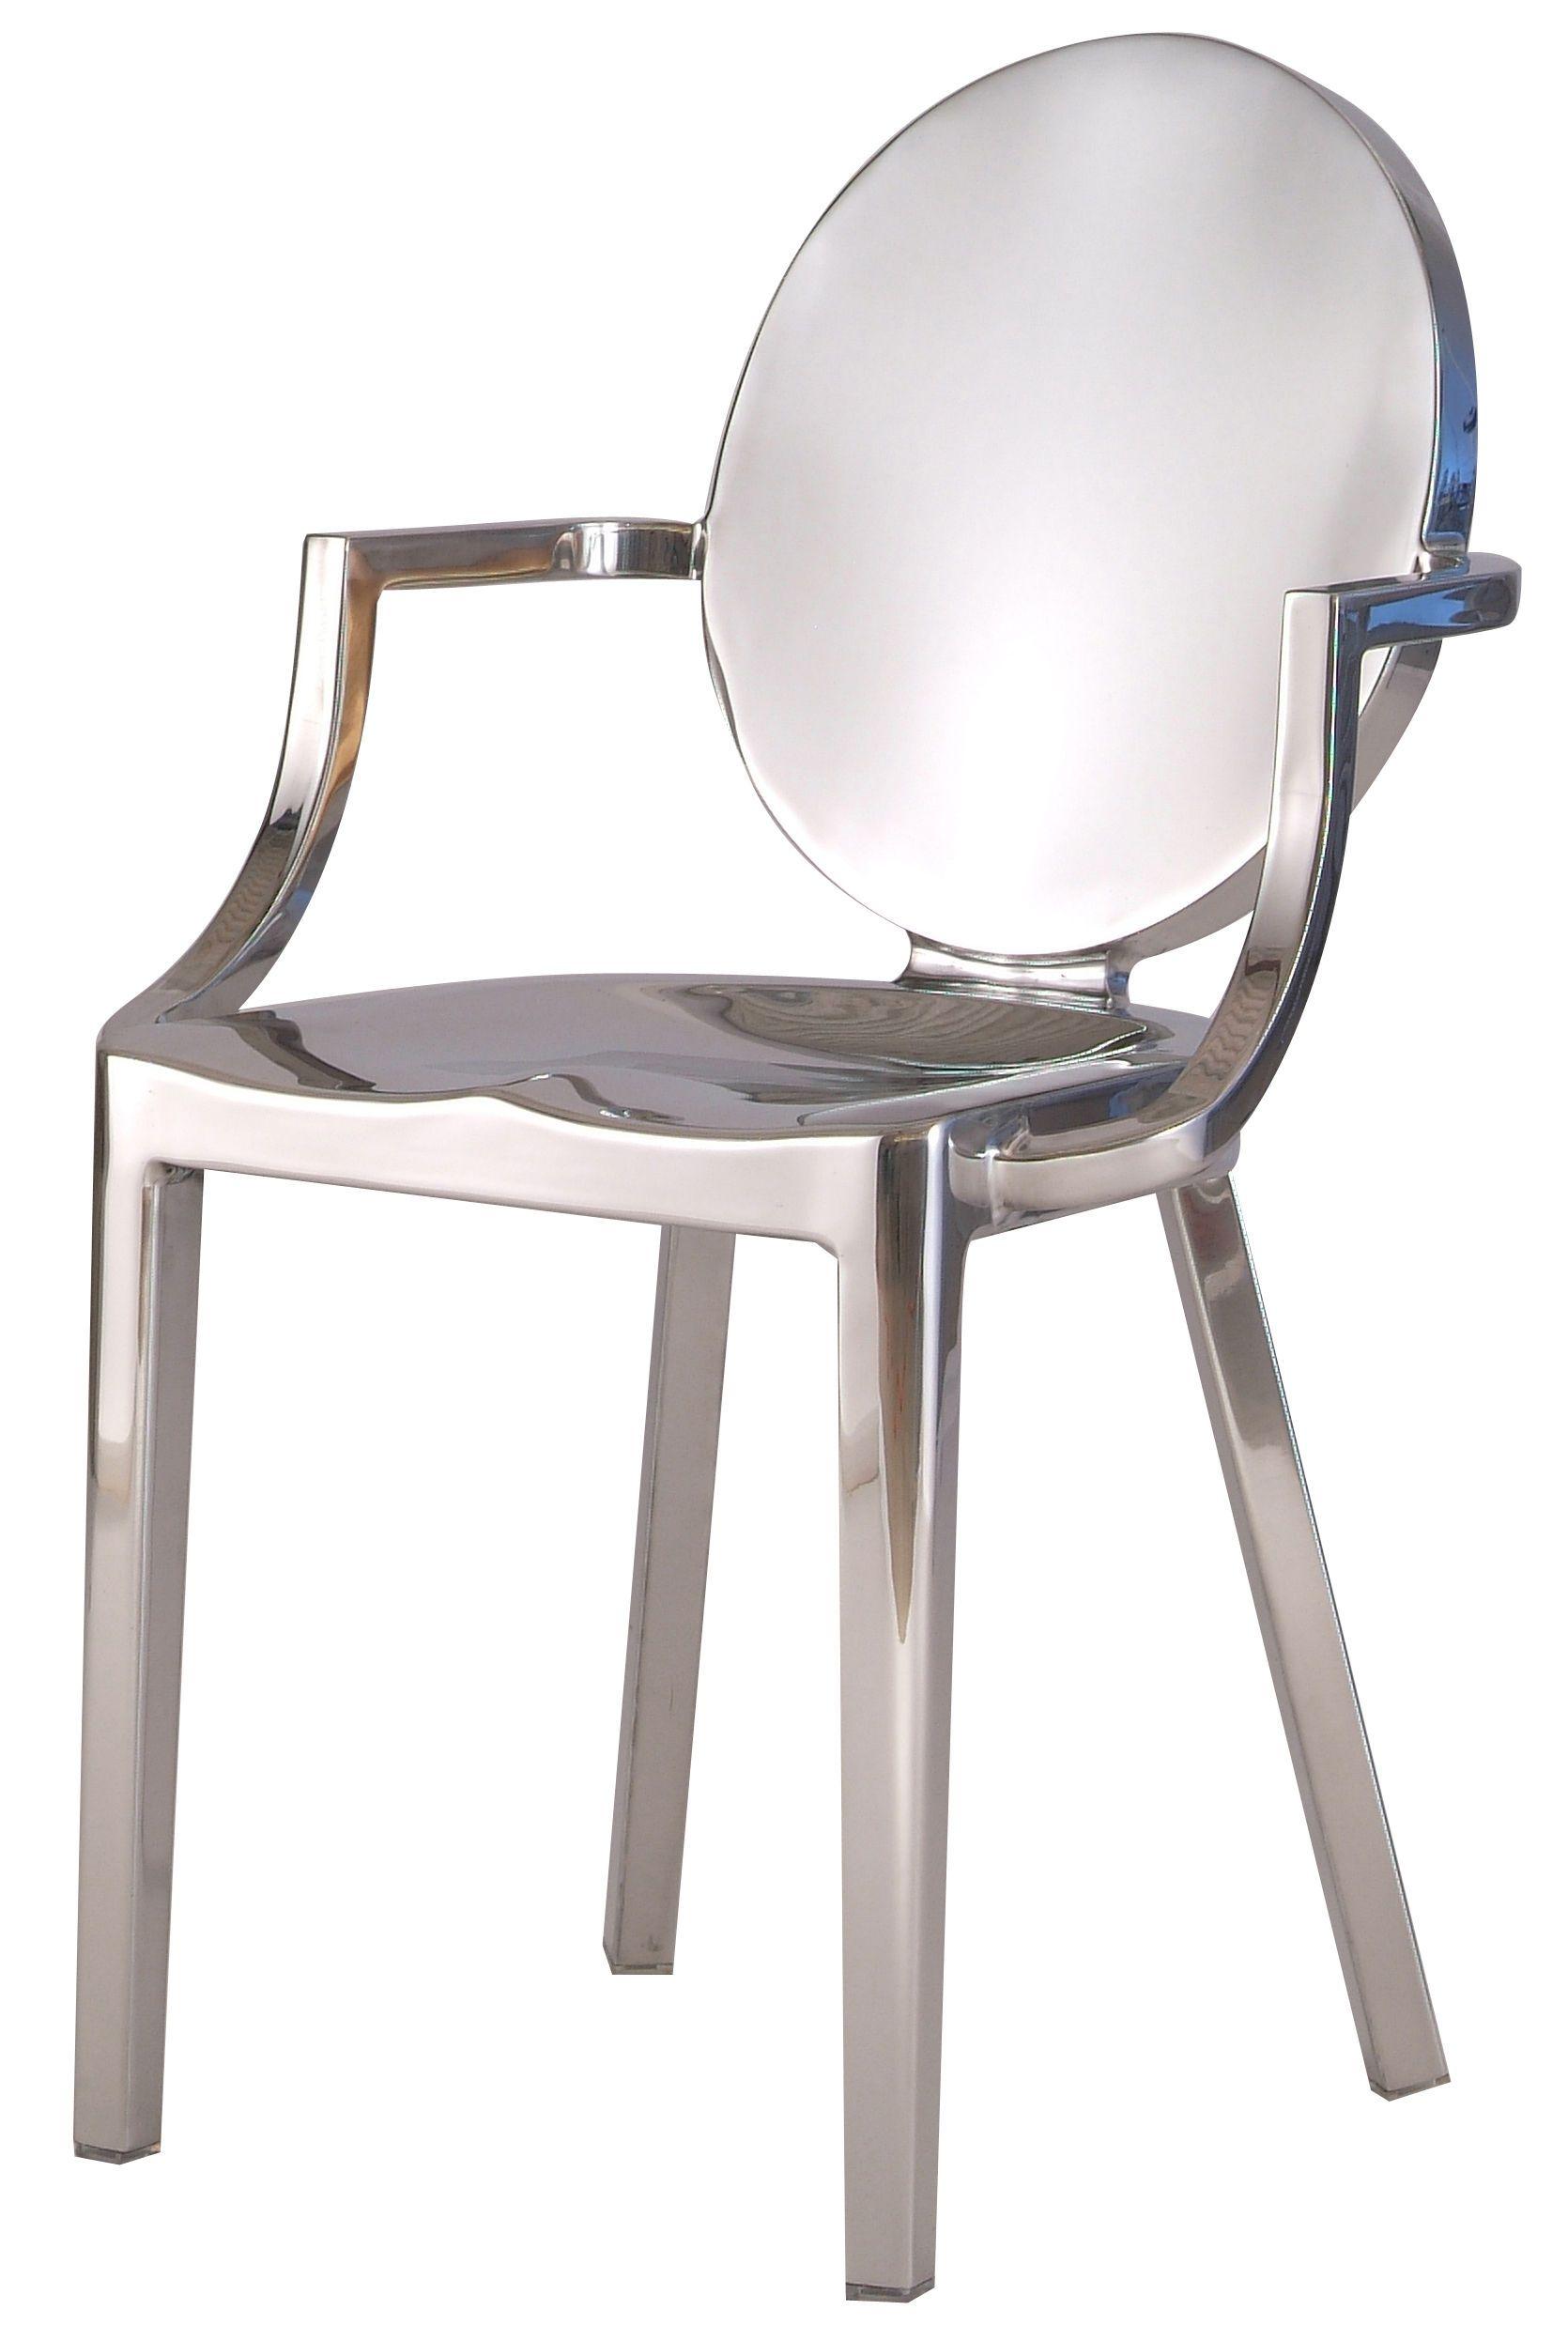 starck com charles pid kartell ghost en chair stool ambientedirect